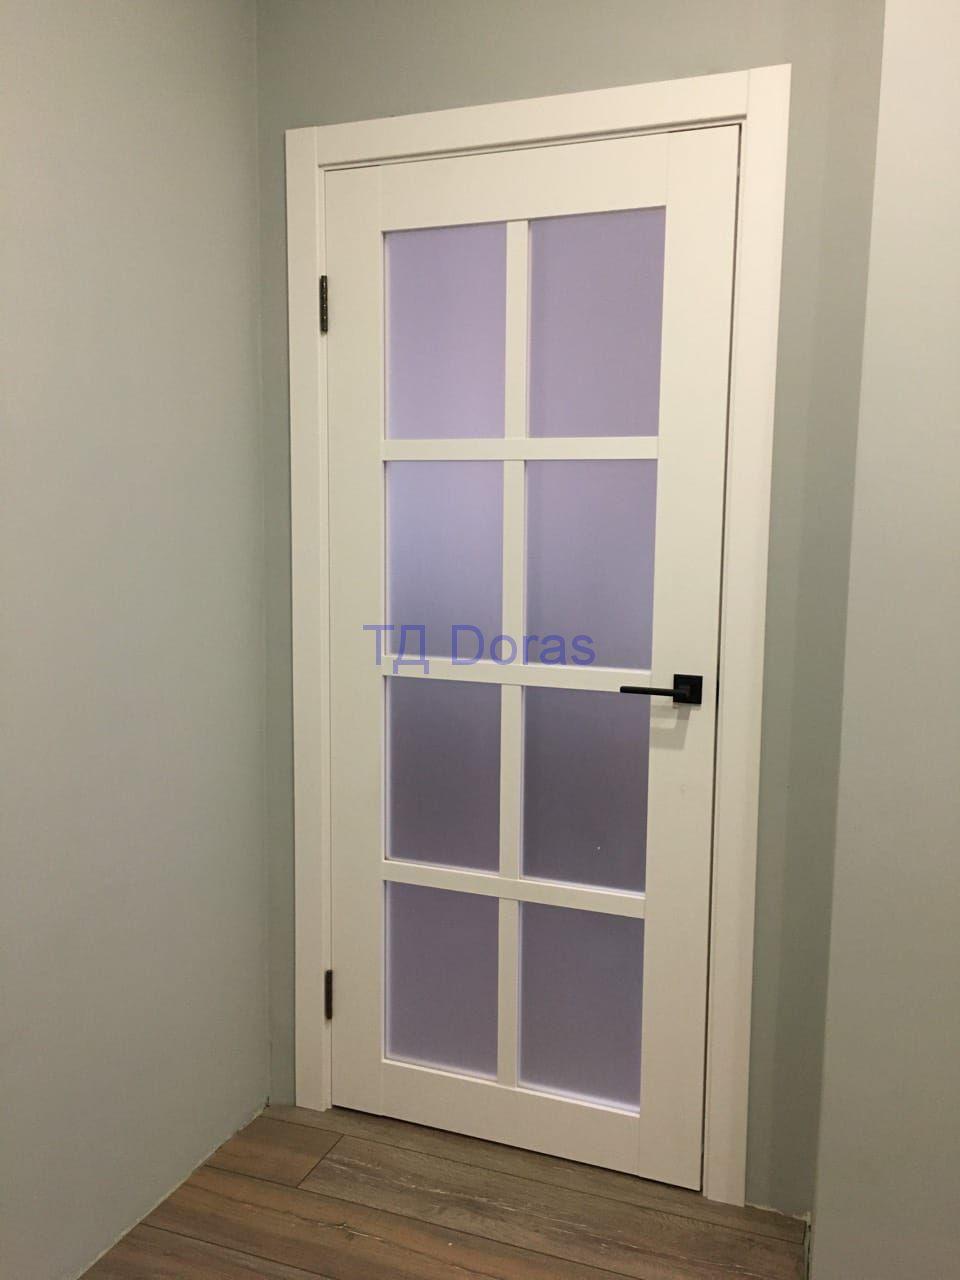 Межкомнатная дверь ЧД 10 массив в ПВХ покрытии, стекло сатинат, цвет Бетон снежный